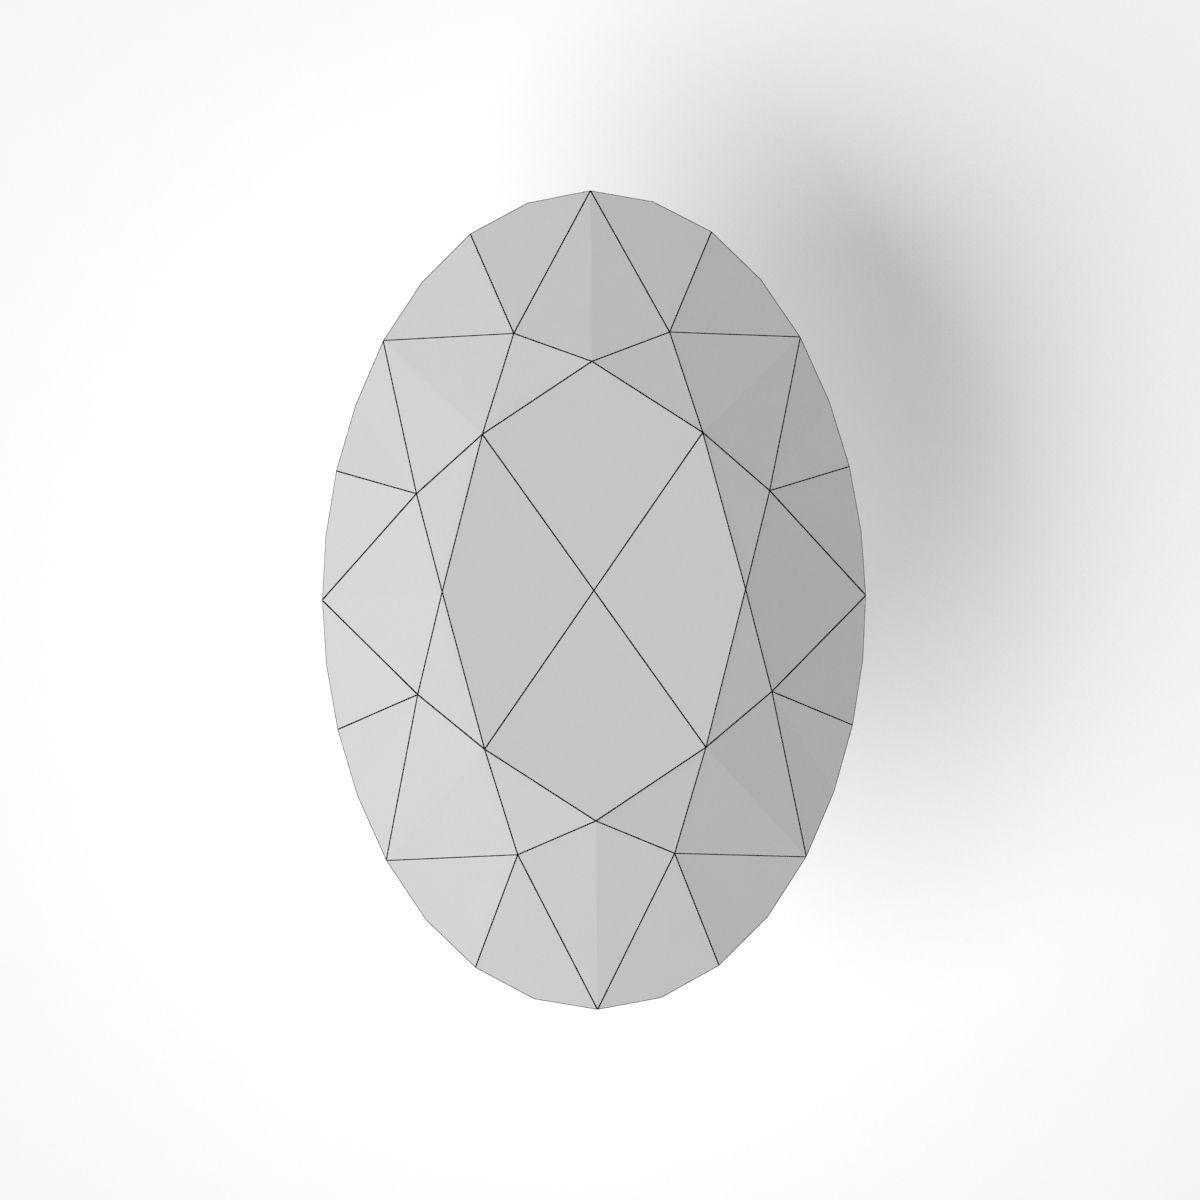 Diamond Shapes 3d Model Max Obj